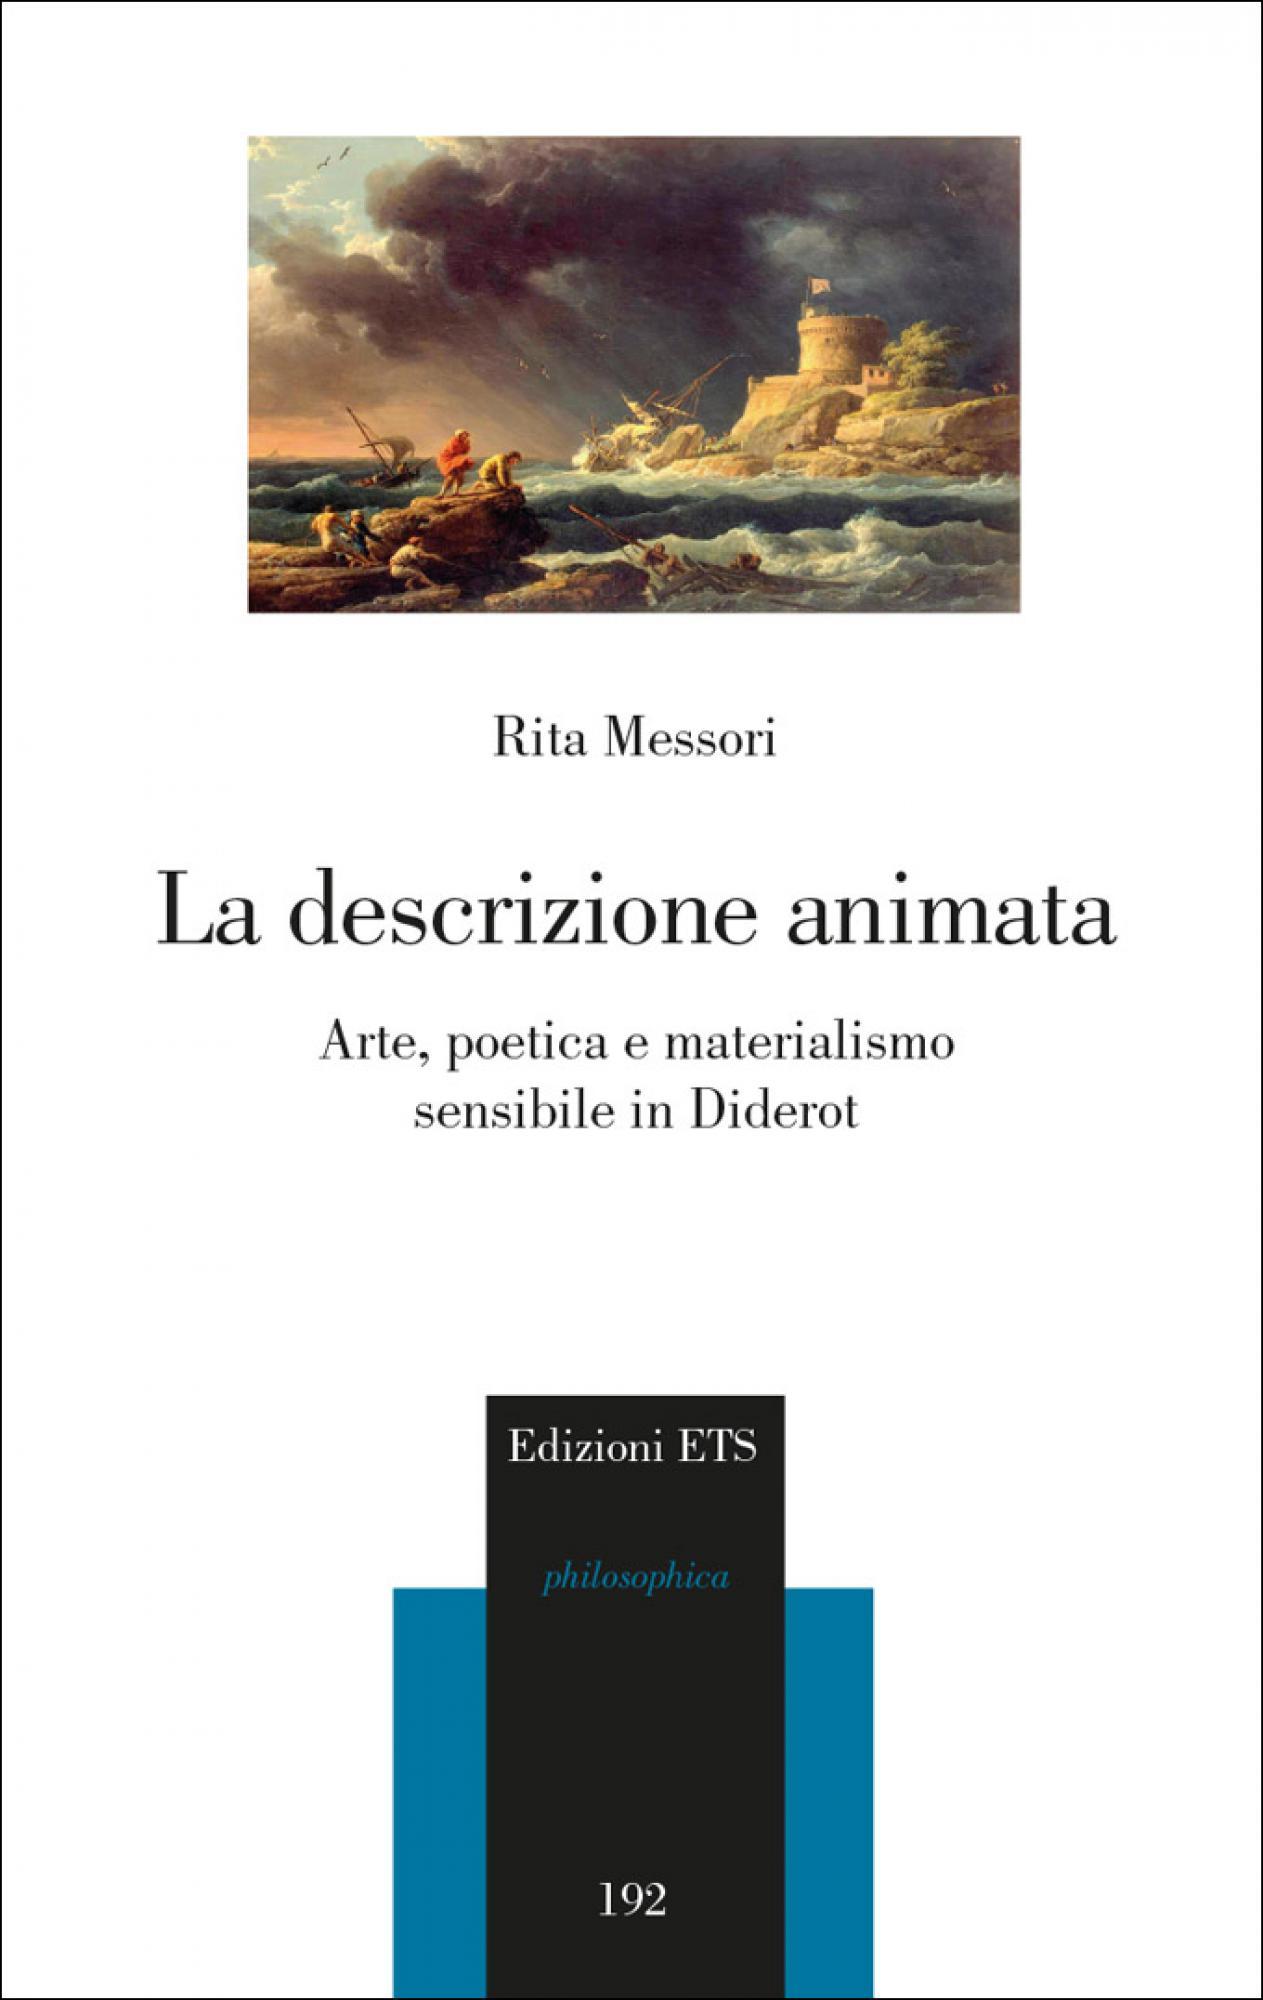 La descrizione animata.Arte, poetica e materialismo sensibile in Diderot